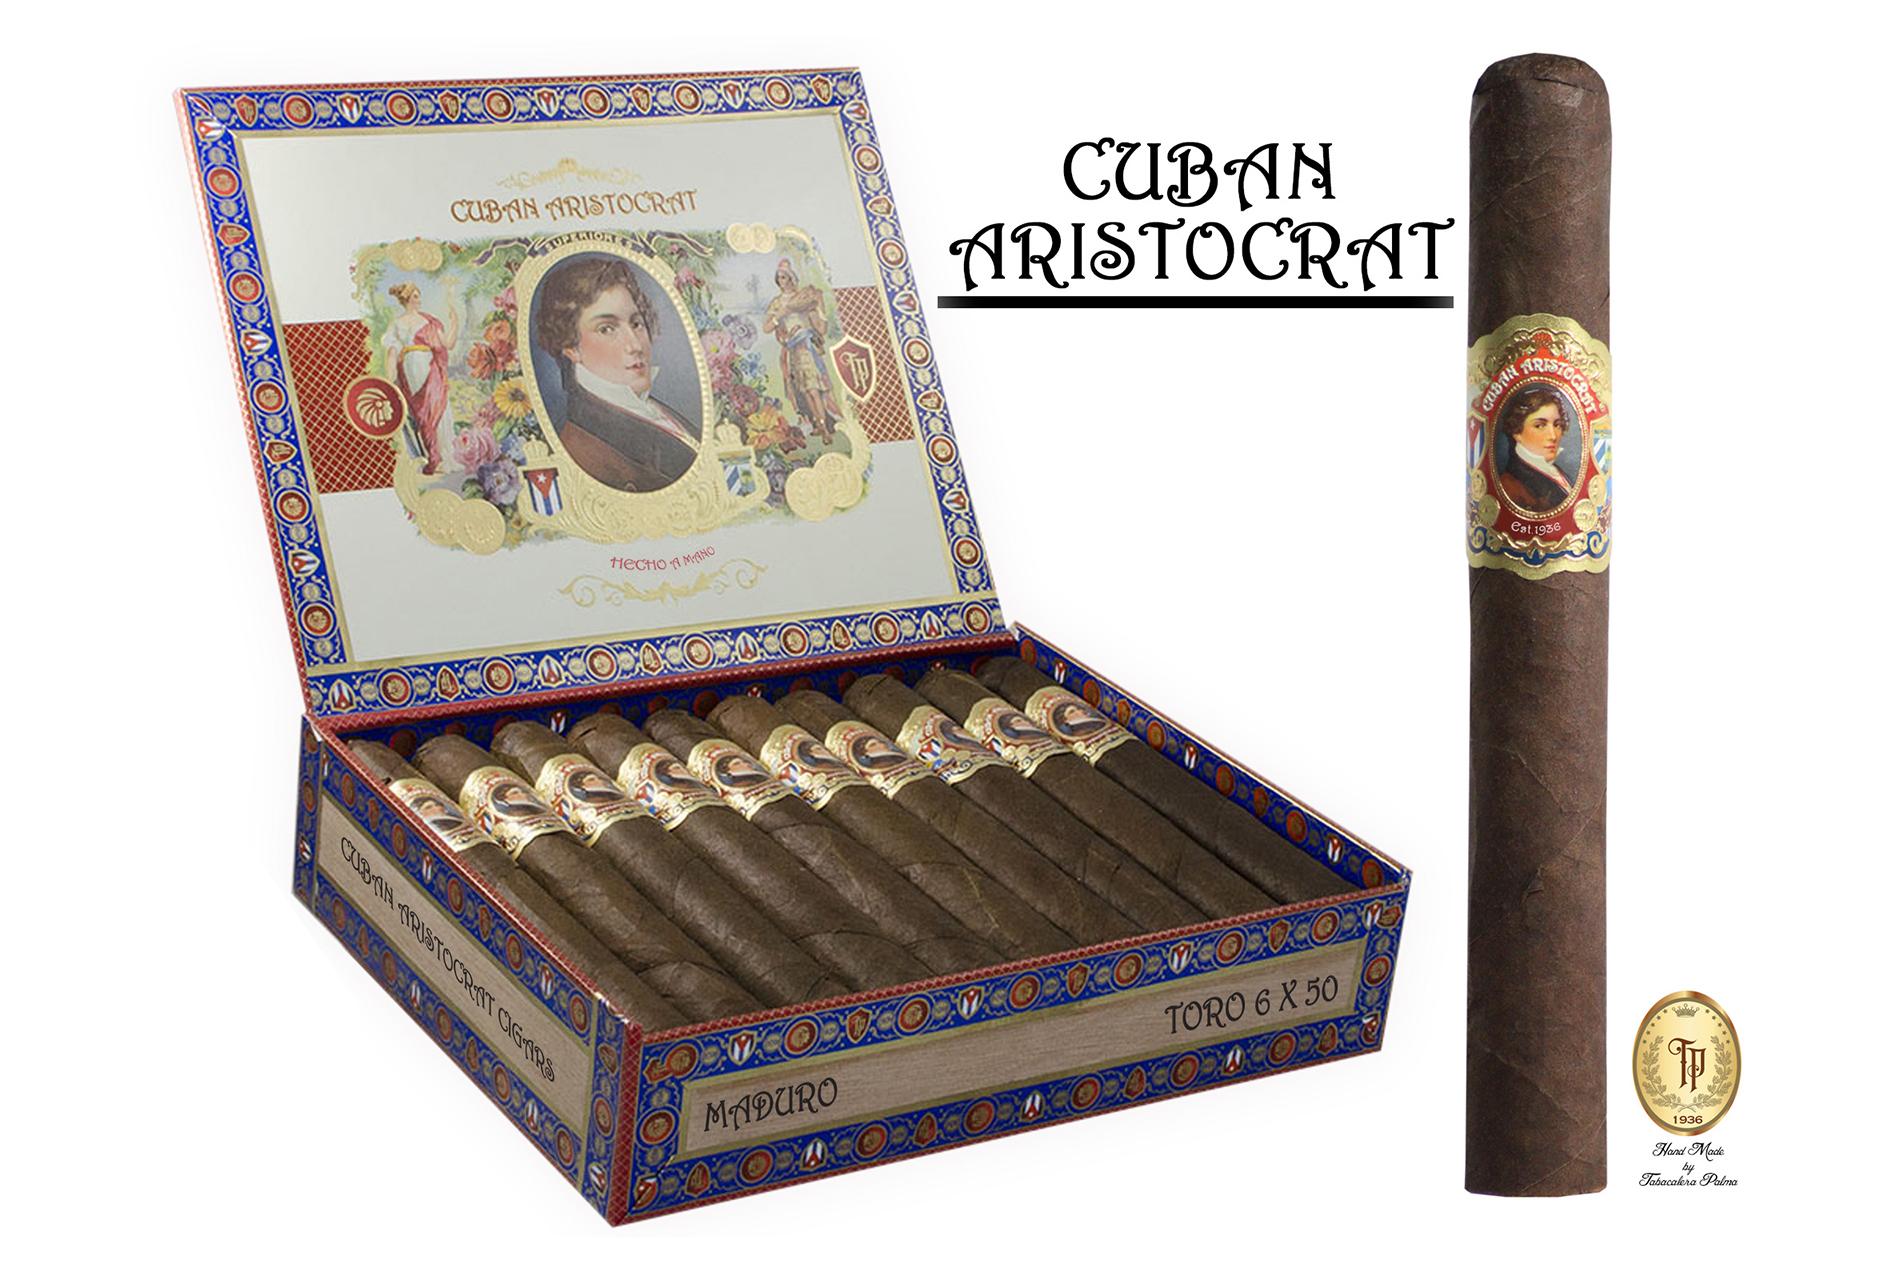 Indianhead Cuban Aristocrat